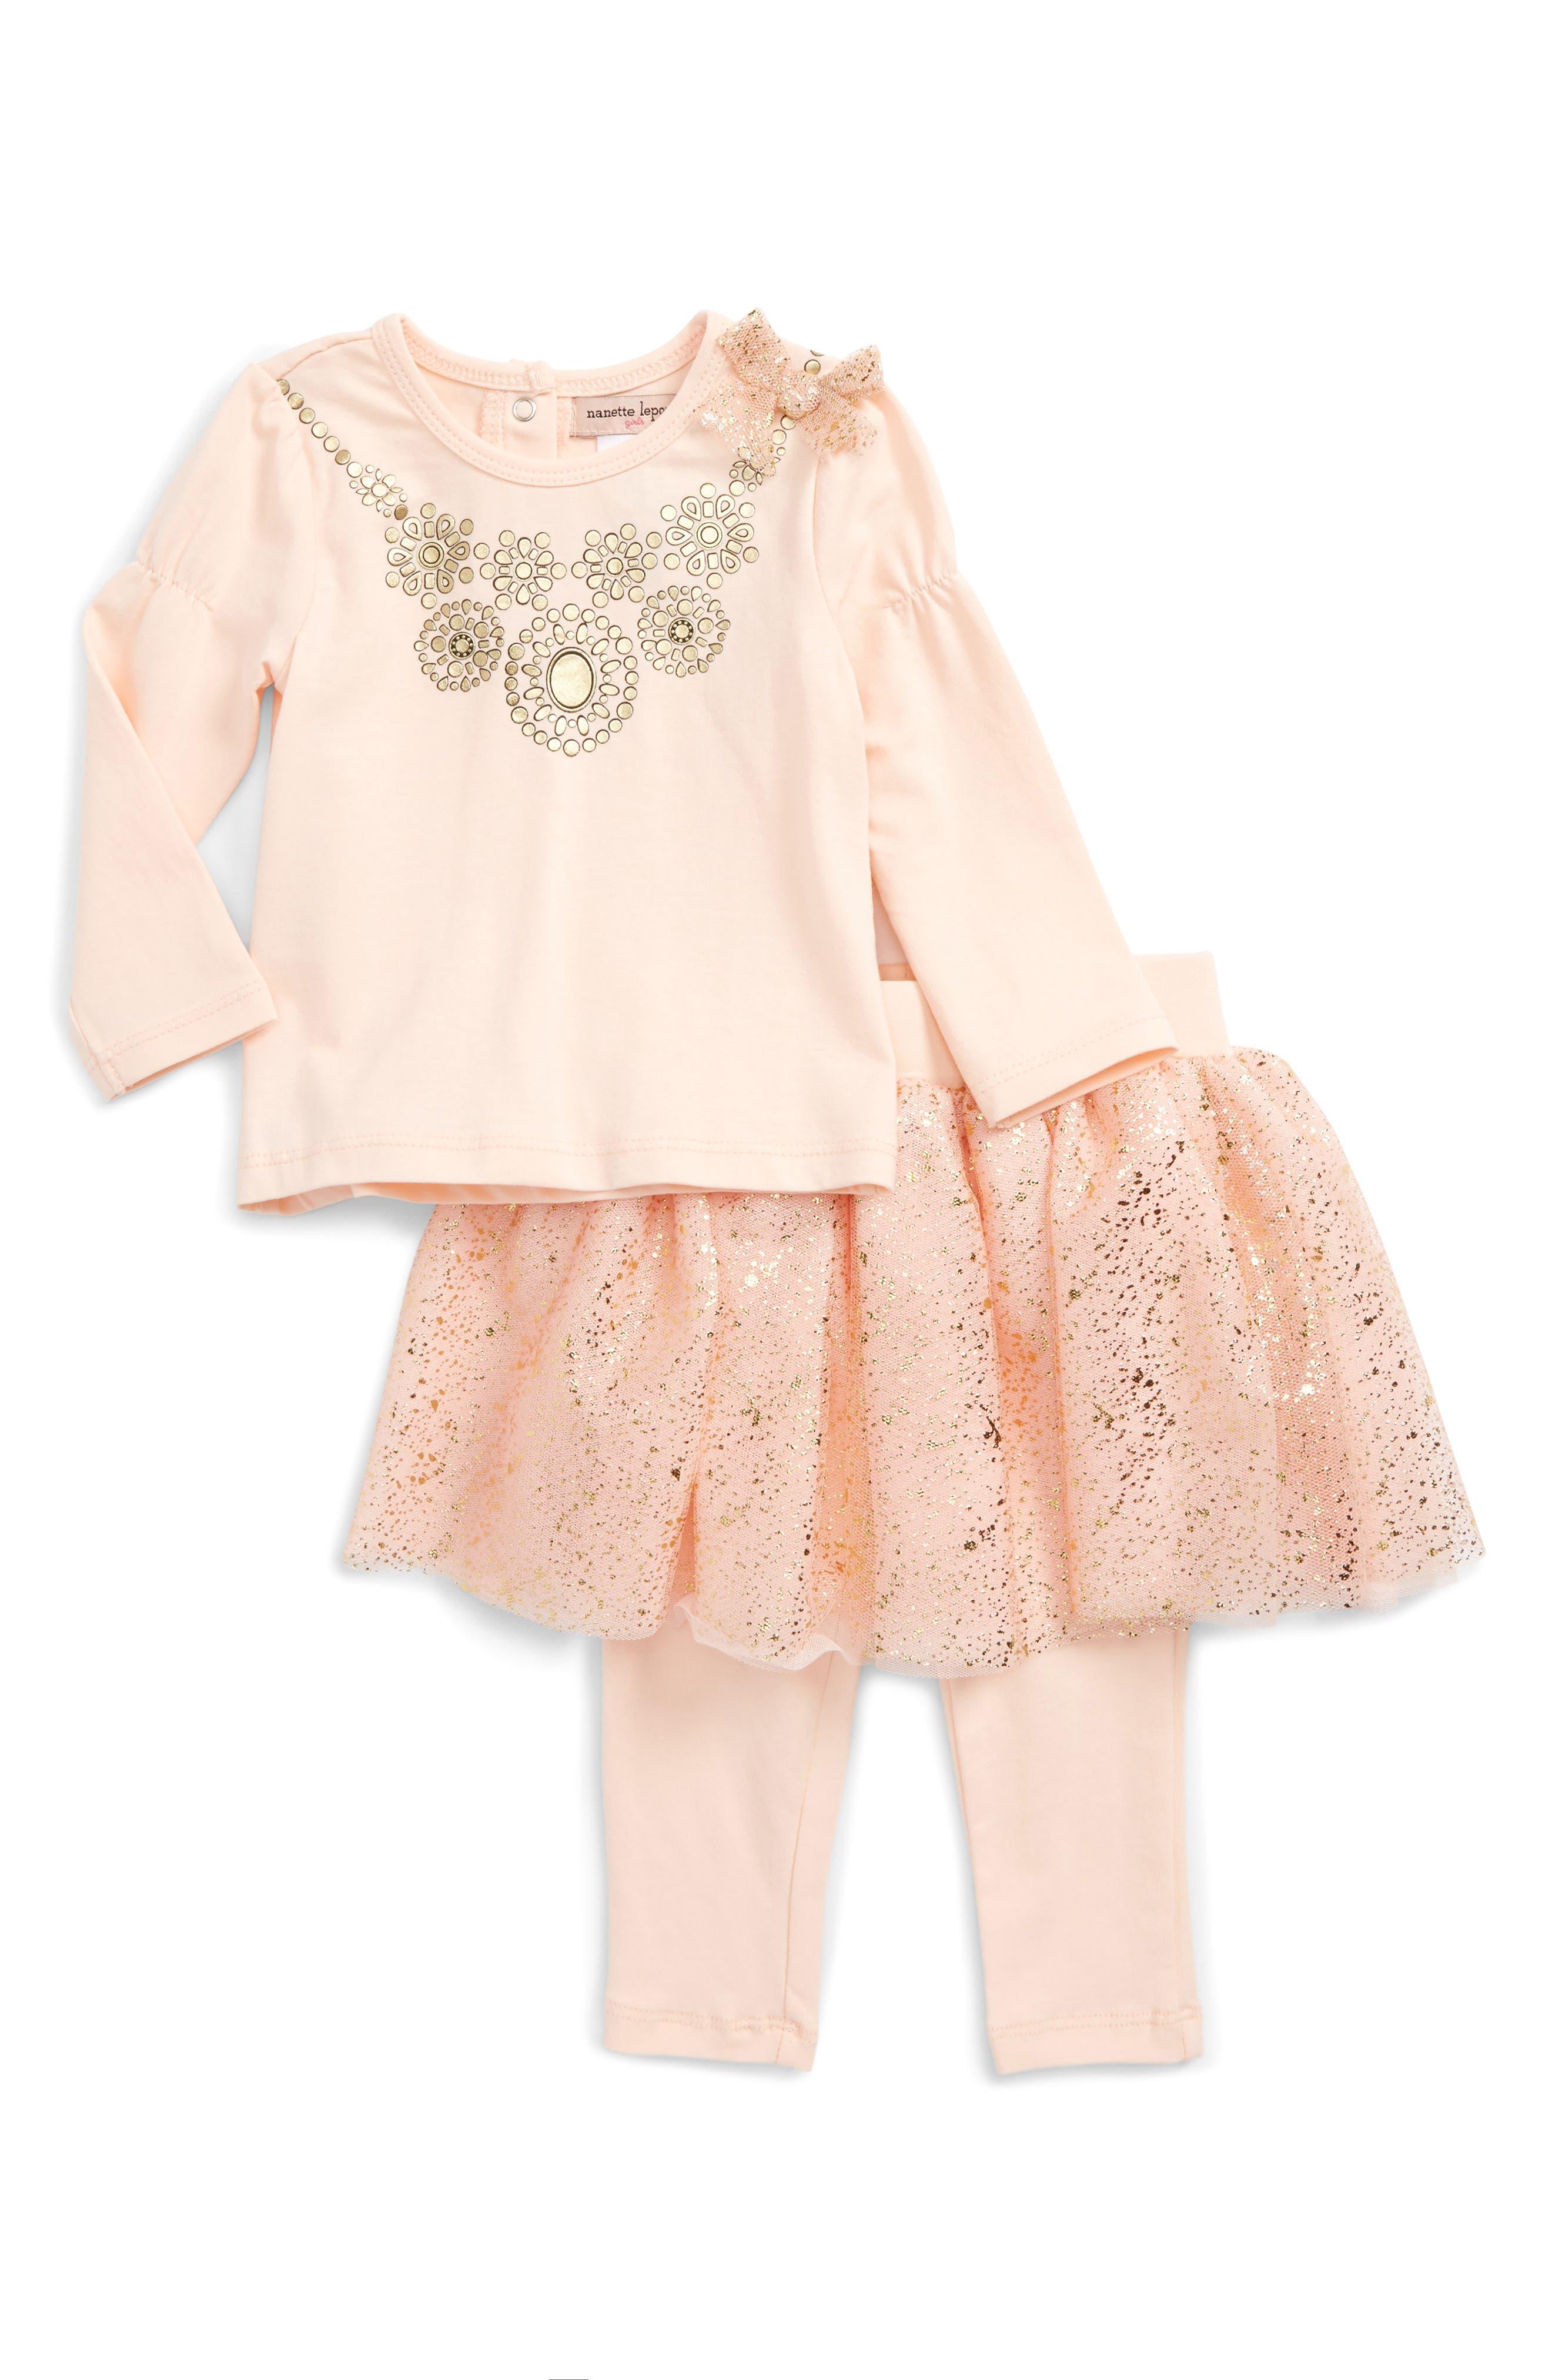 Tee & Skirt Set,                         Main,                         color, 680